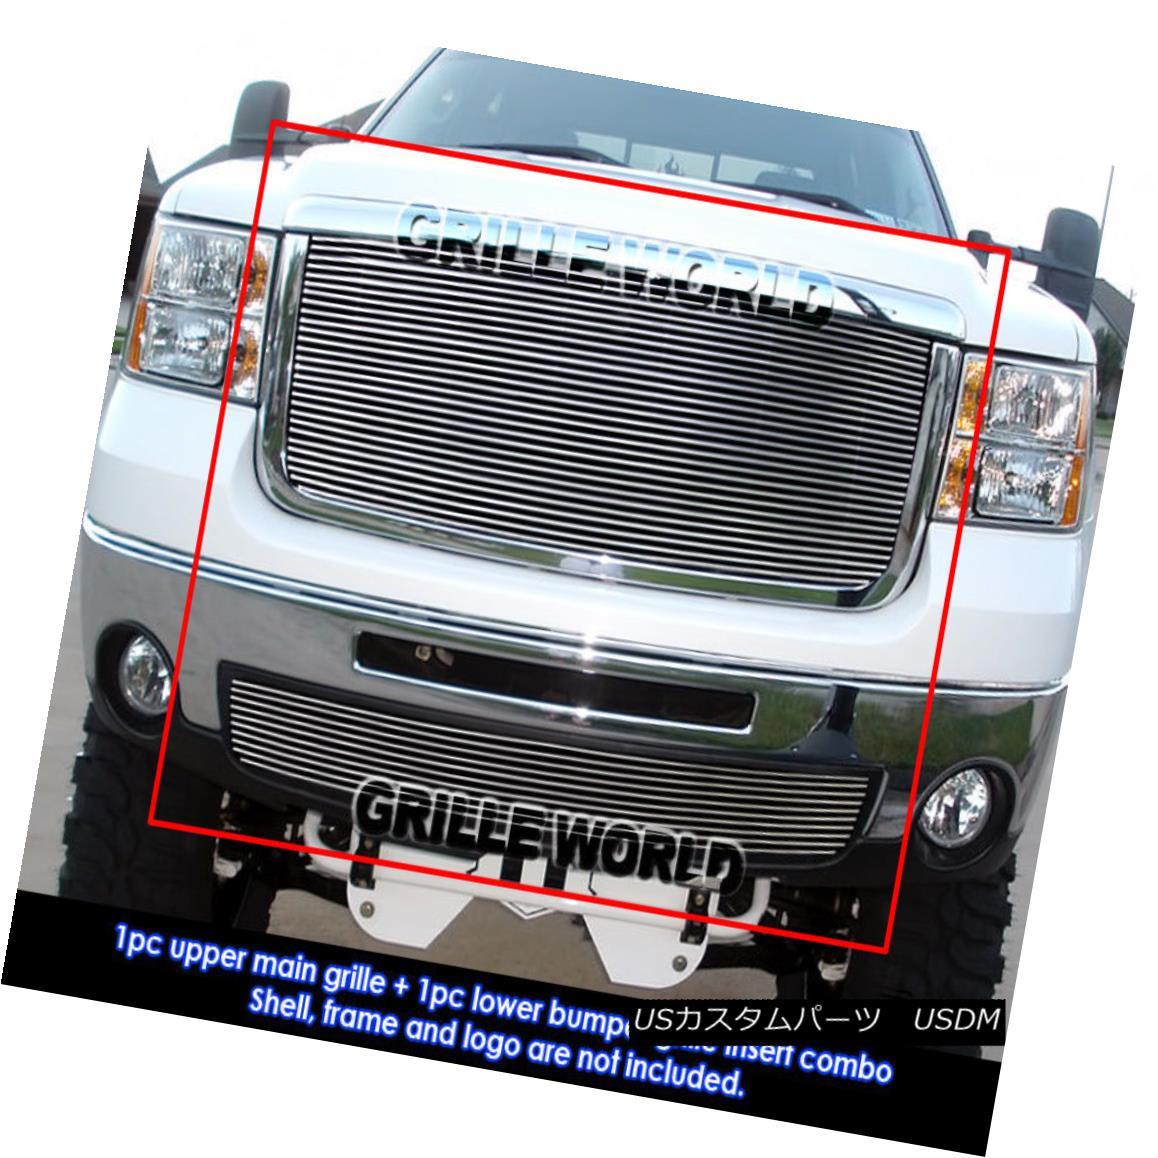 グリル For 07-10 GMC Sierra 2500HD/3500HD Billet Grille Insert Combo 07-10 GMC Sierra 2500HD / 3500HDビレットグリルインサートコンボ用